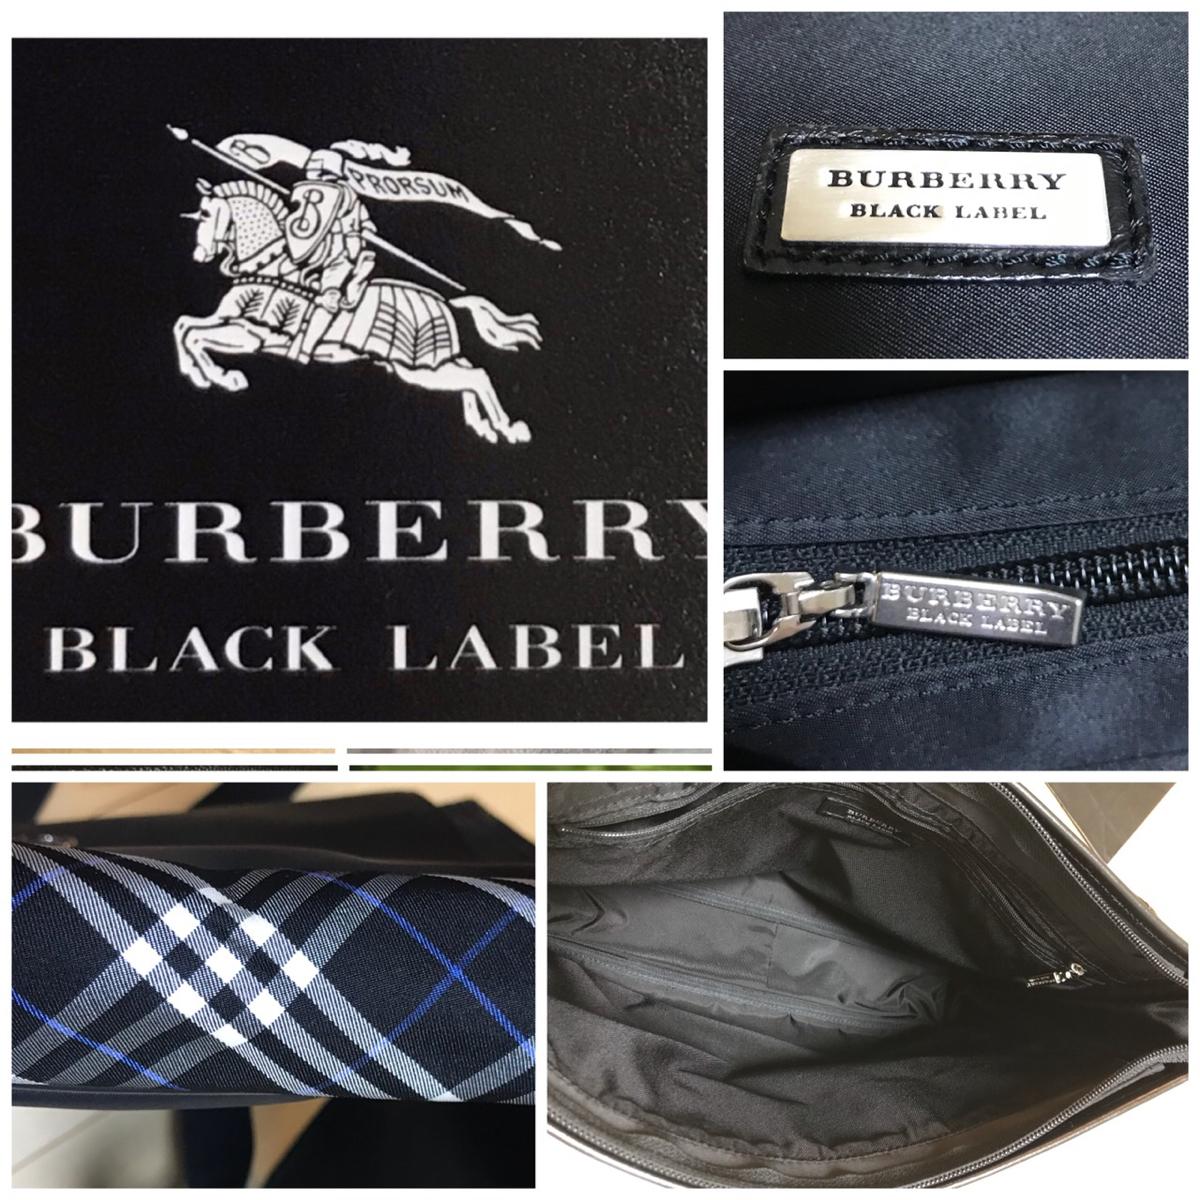 バーバリー ブラックレーベル ショルダー バッグ レア 本物 1円 blacklabel Burberry バック 鞄 ビジネス カジュアル 未使用品_画像3